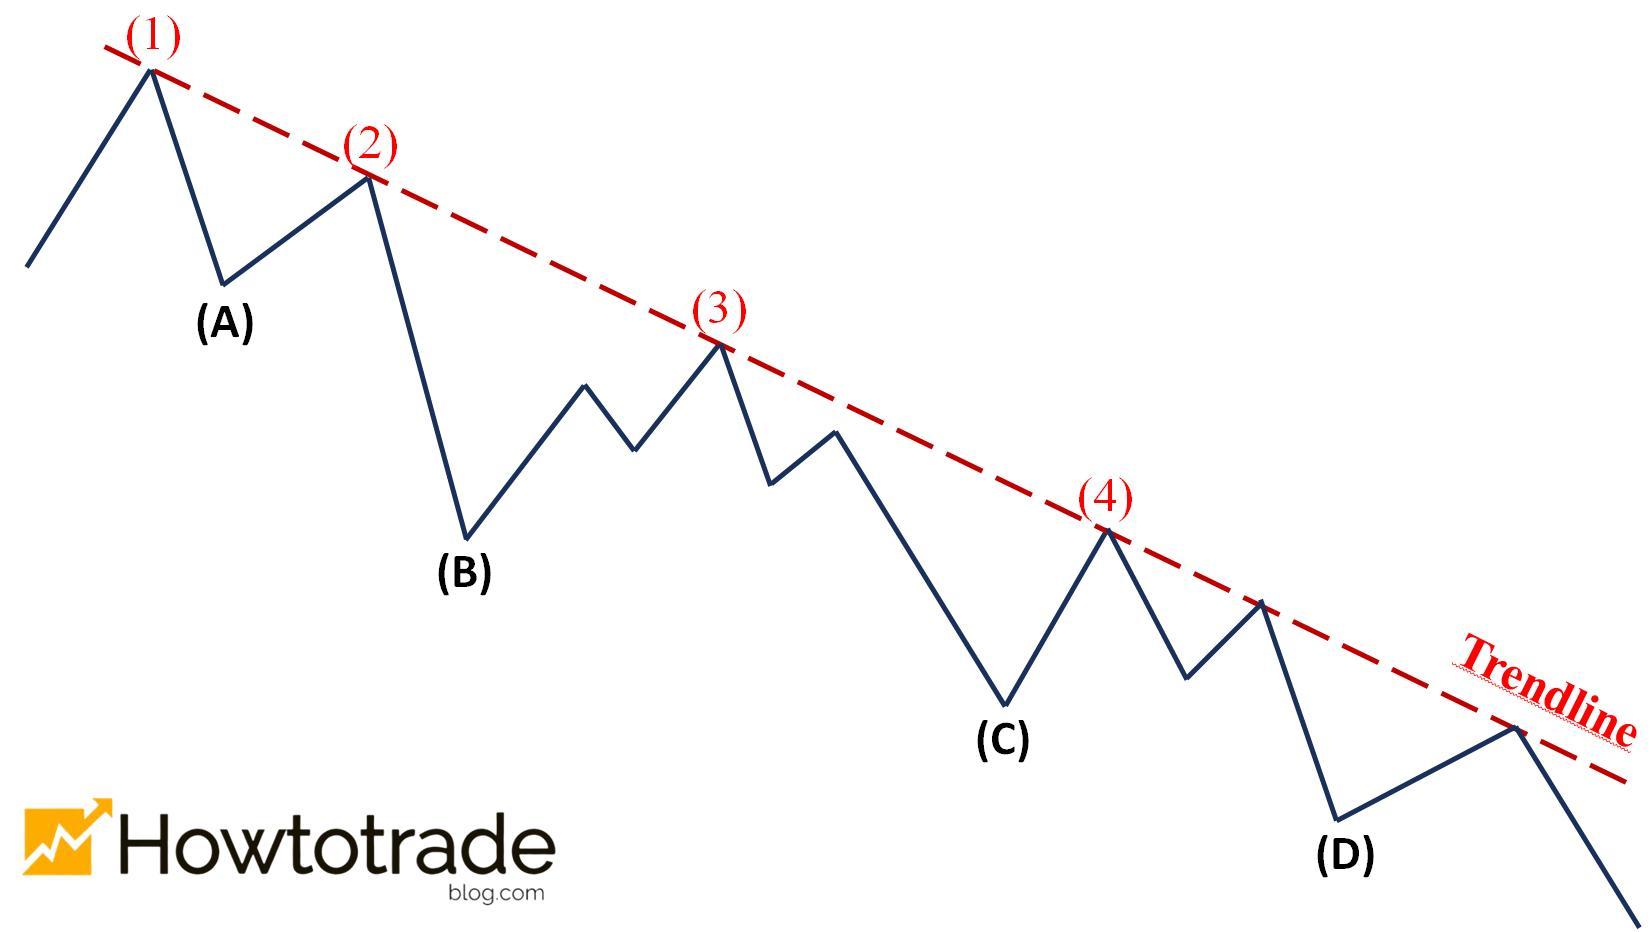 Đường trendline trong xu hướng giảm